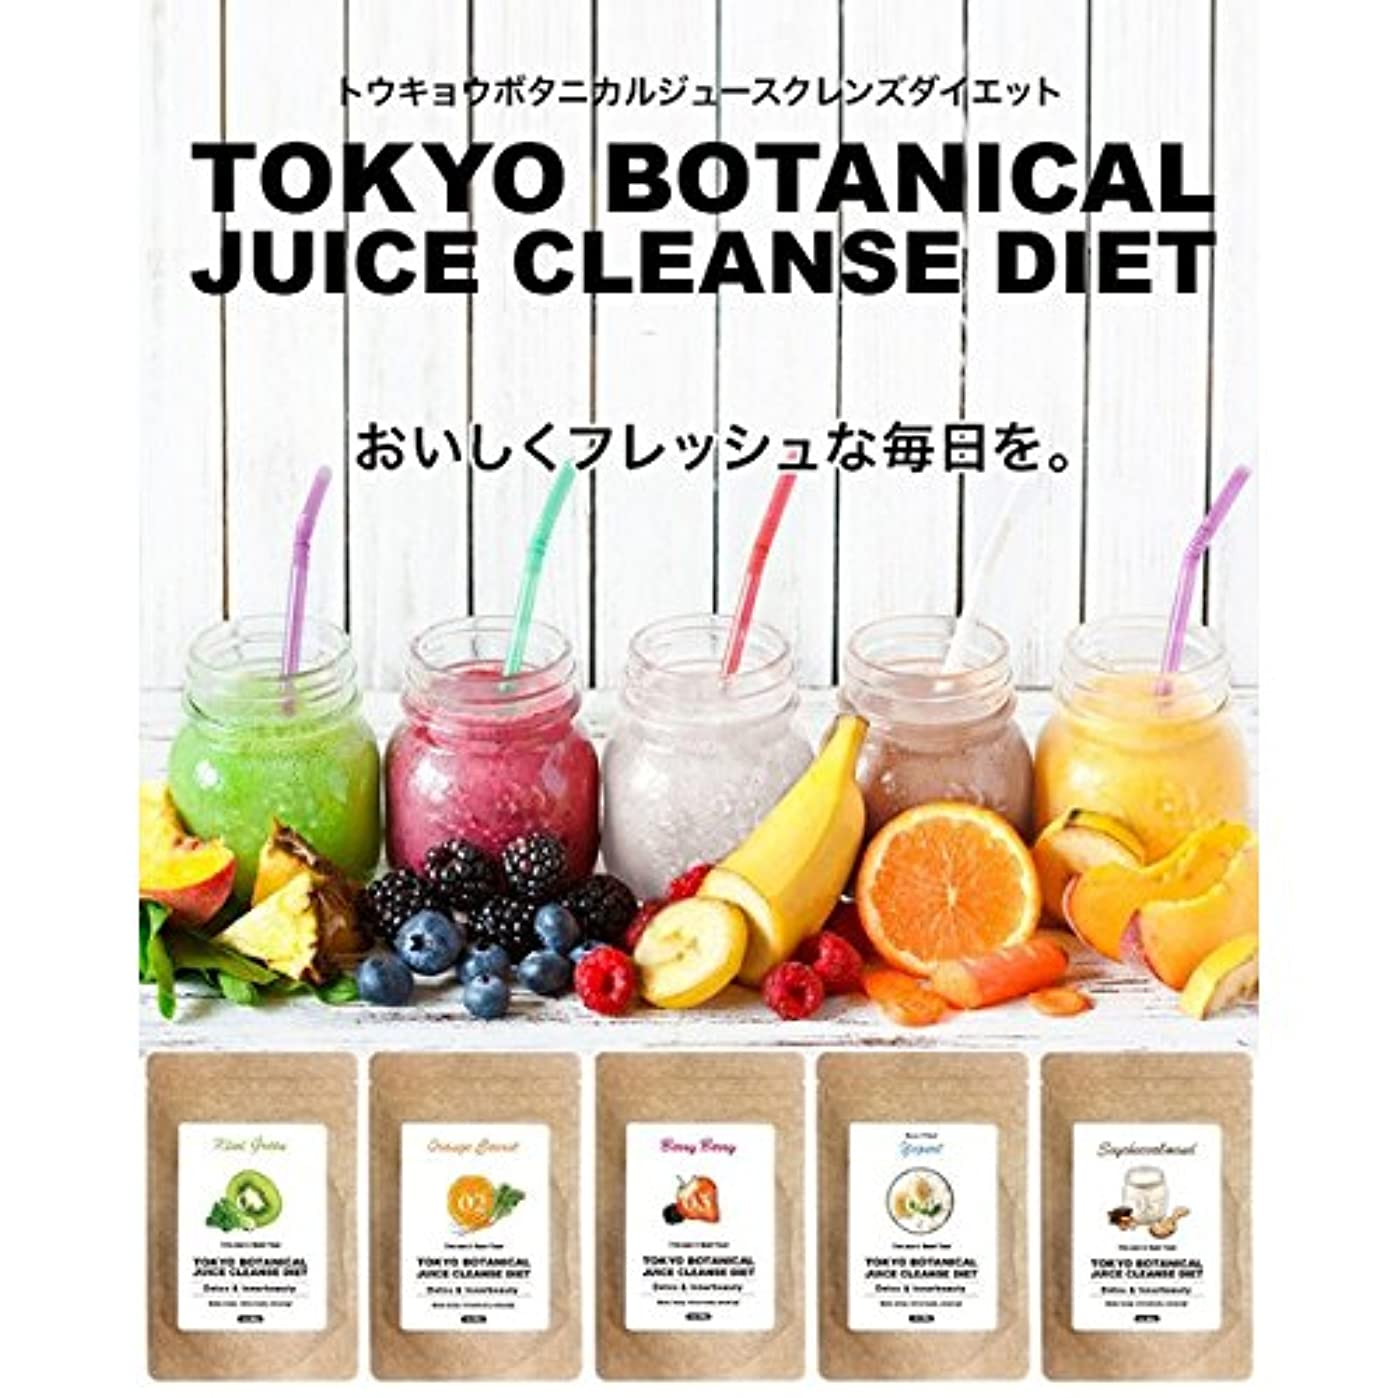 クリエイティブ毎年破壊的東京ボタニカルジュースクレンズダイエット  ベリーベリー&オレンジキャロットセット